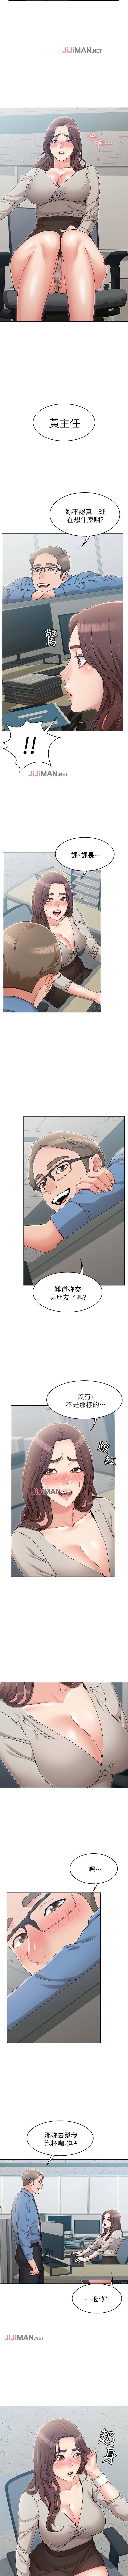 【周六连载】女友的姐姐(作者:橡果人&獵狗) 第1~14话 72